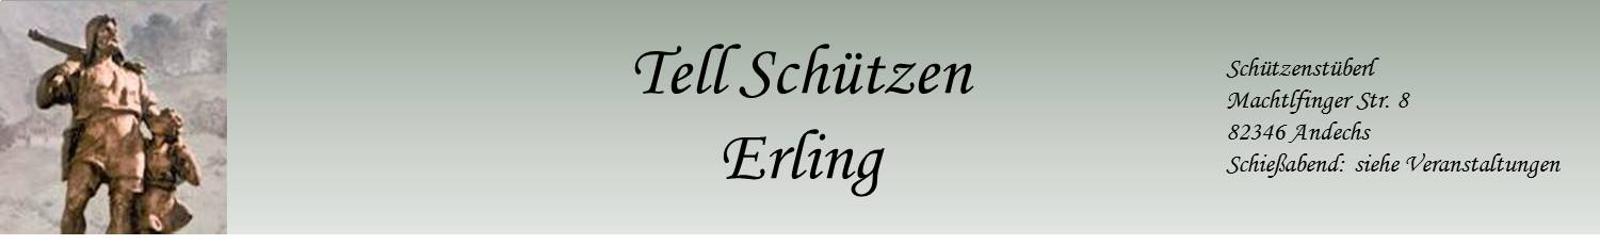 Schützengesellschaft Tell Erling - Andechs Logo